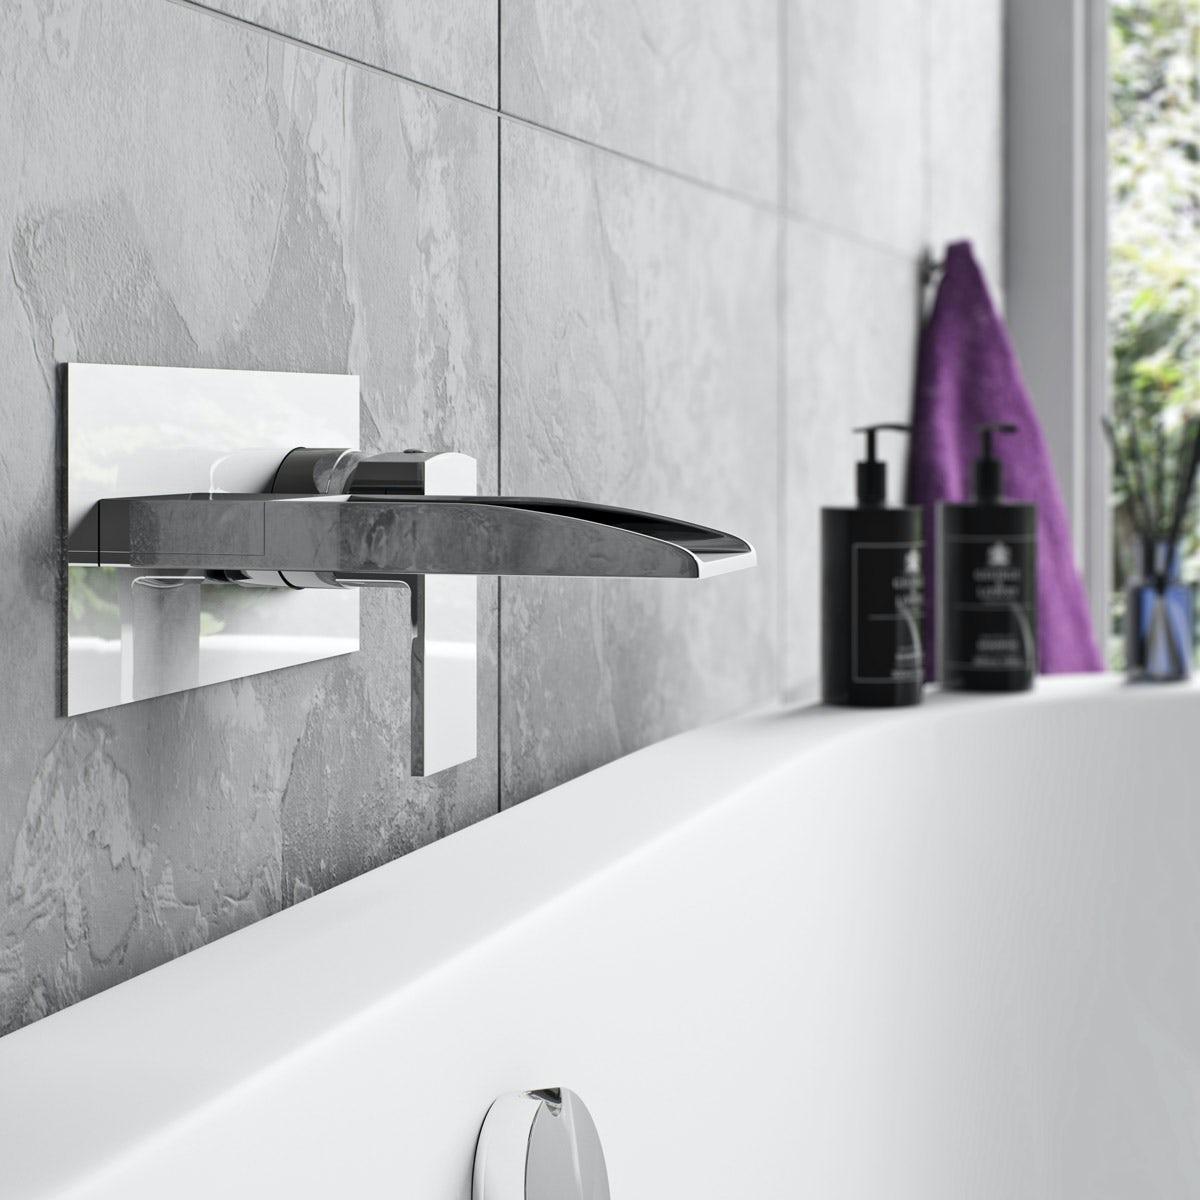 Mode Cooper wall mounted waterfall bath mixer tap   VictoriaPlum.com